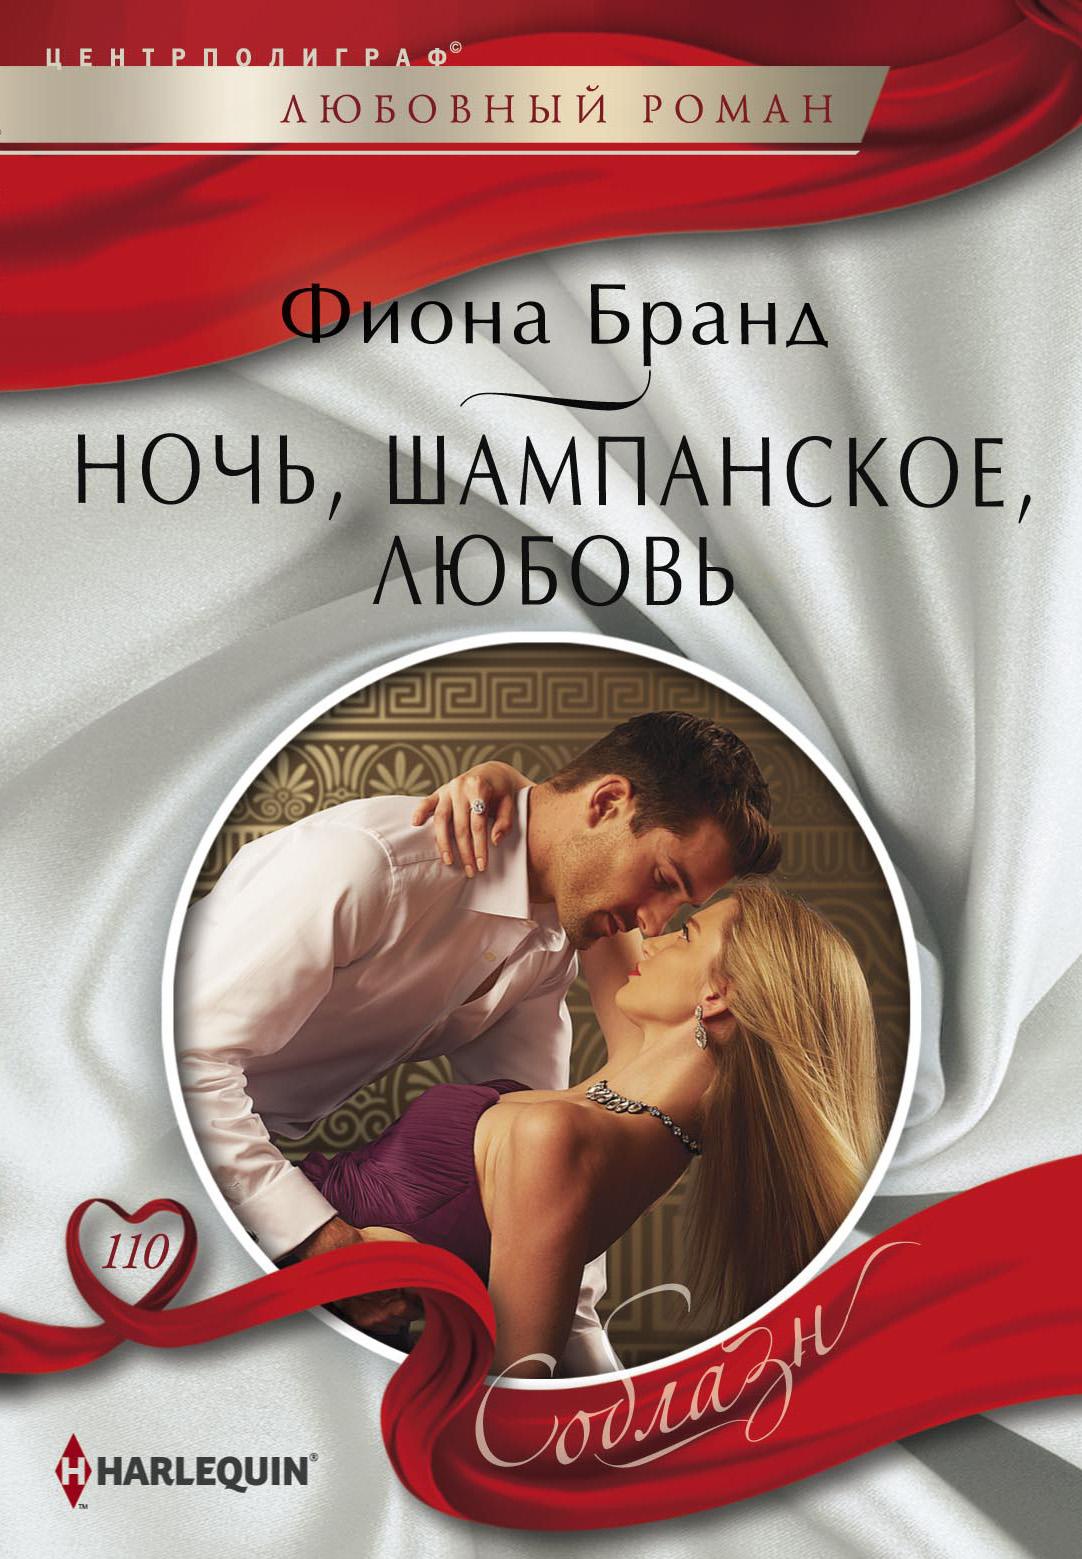 Фиона Бранд Ночь, шампанское, любовь фиона бранд последняя ночь холостяка isbn 978 5 227 06489 9